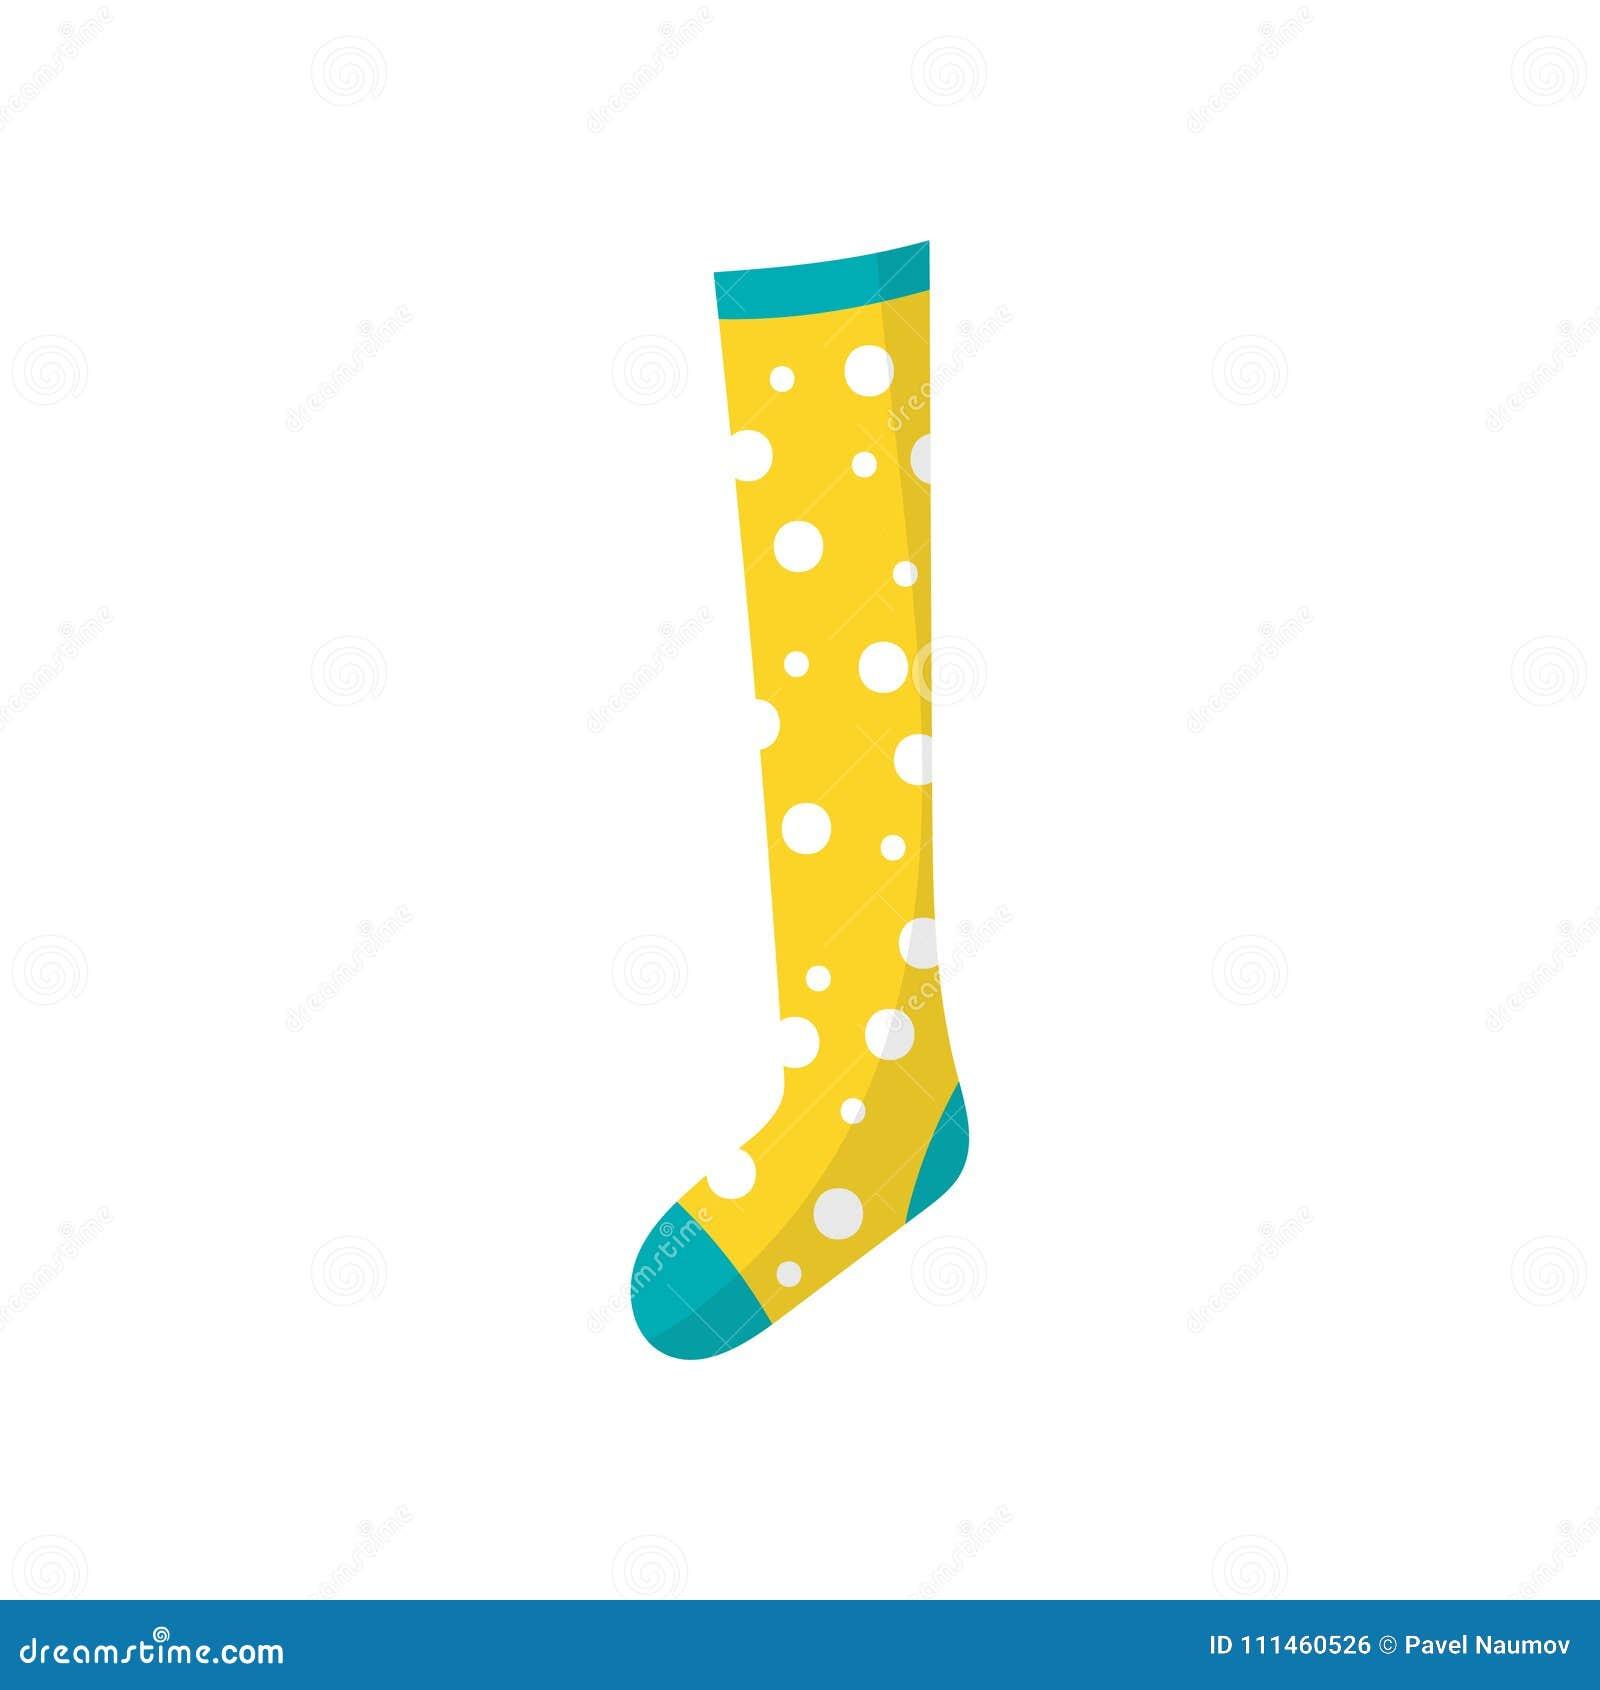 6487bf8d93 Icono de la historieta del calcetín del algodón de los pequeños niños s en  lunar Elemento de la ropa de los niños Ropa para el pie Artículo decorativo  para ...